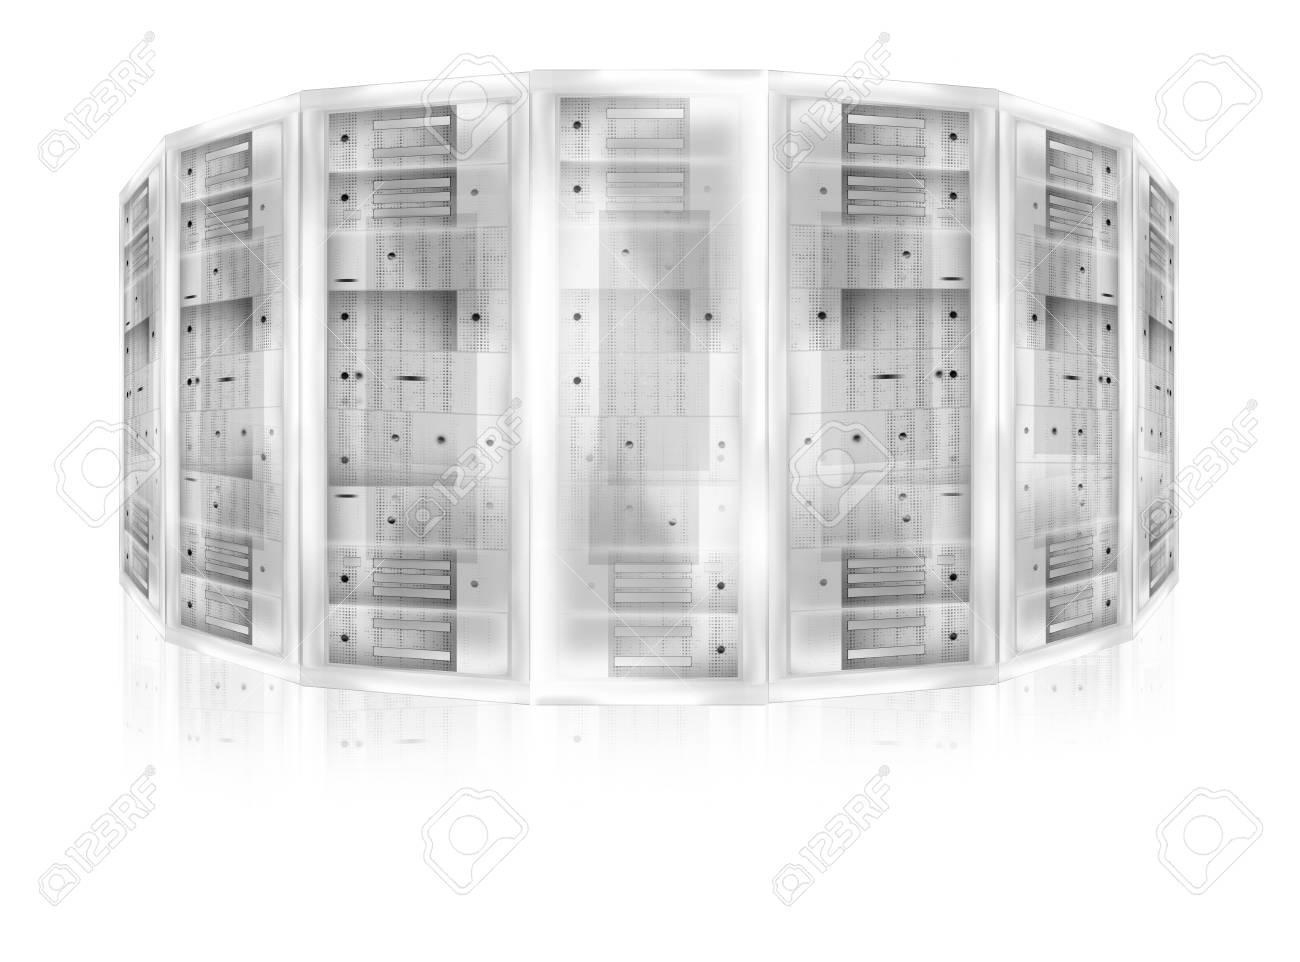 Server Room Datacenter - 40814319